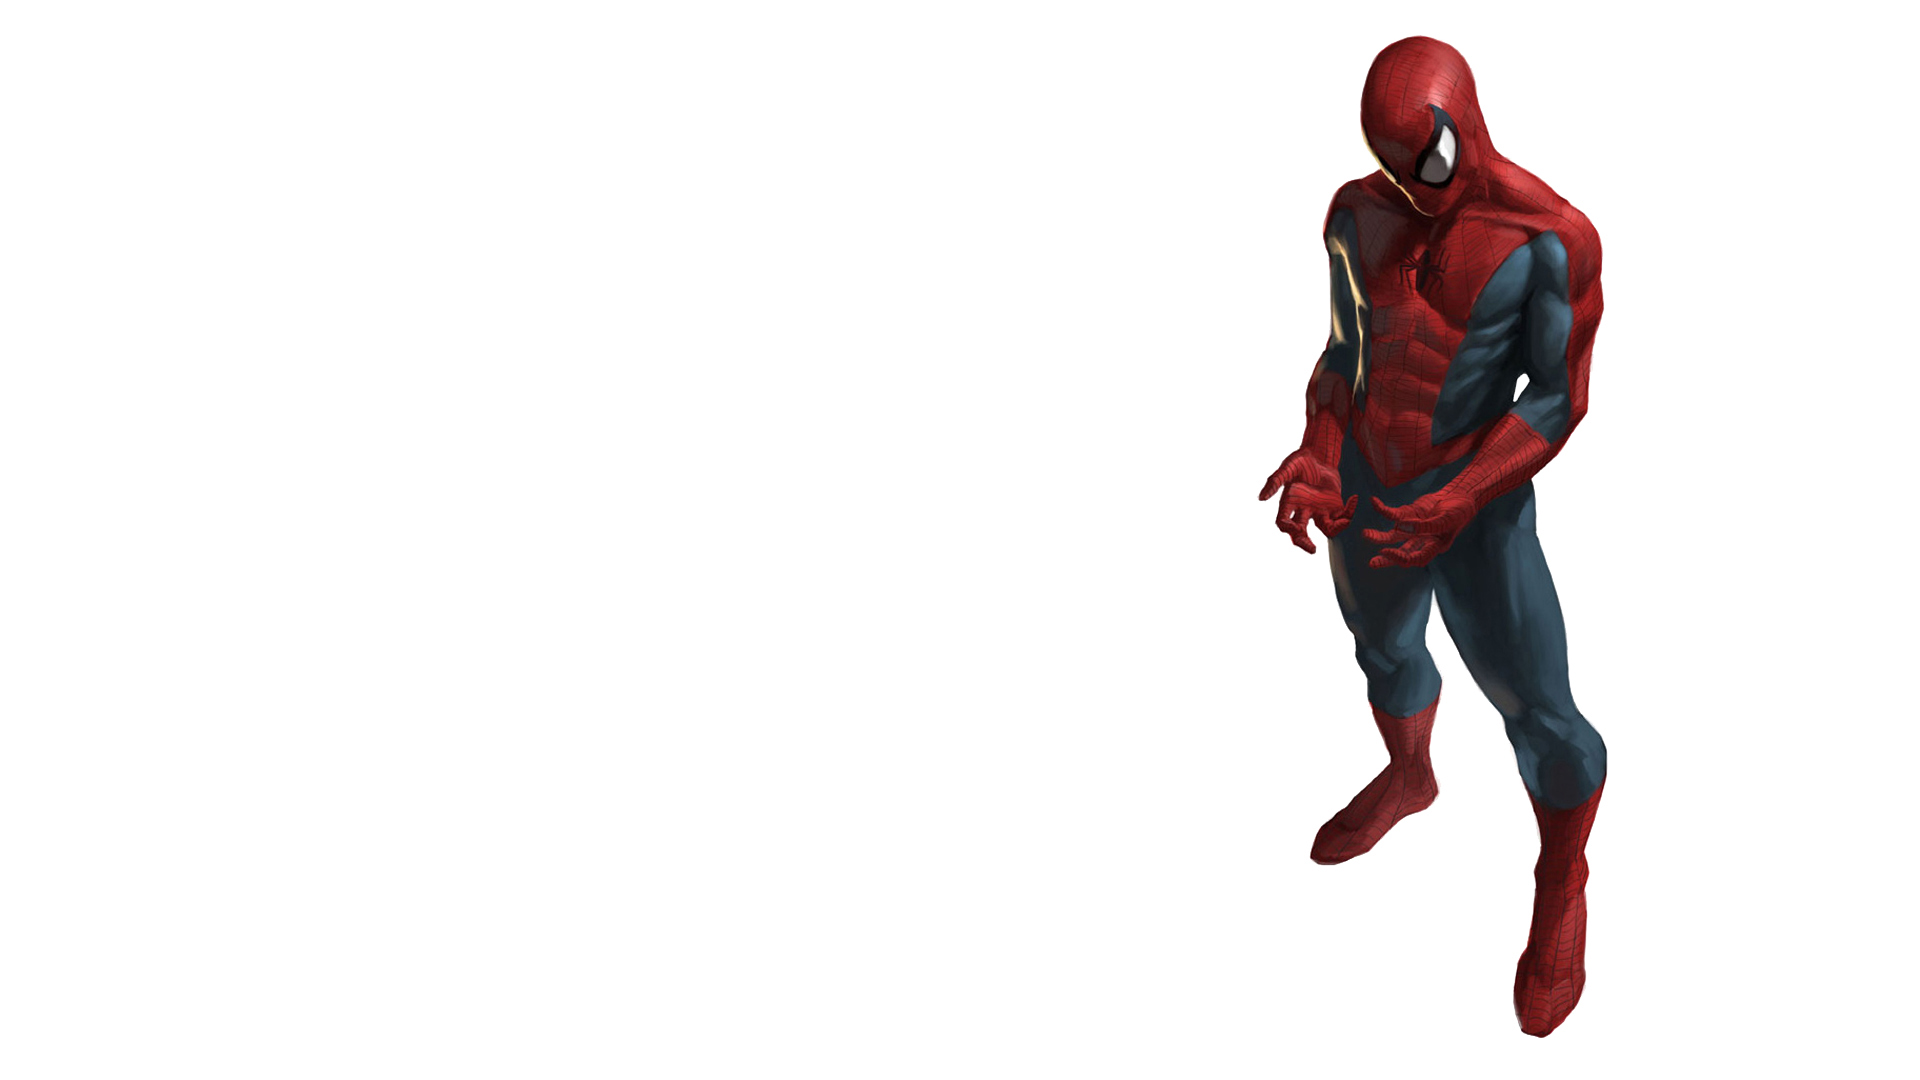 великий человек паук картинки для фона панченко